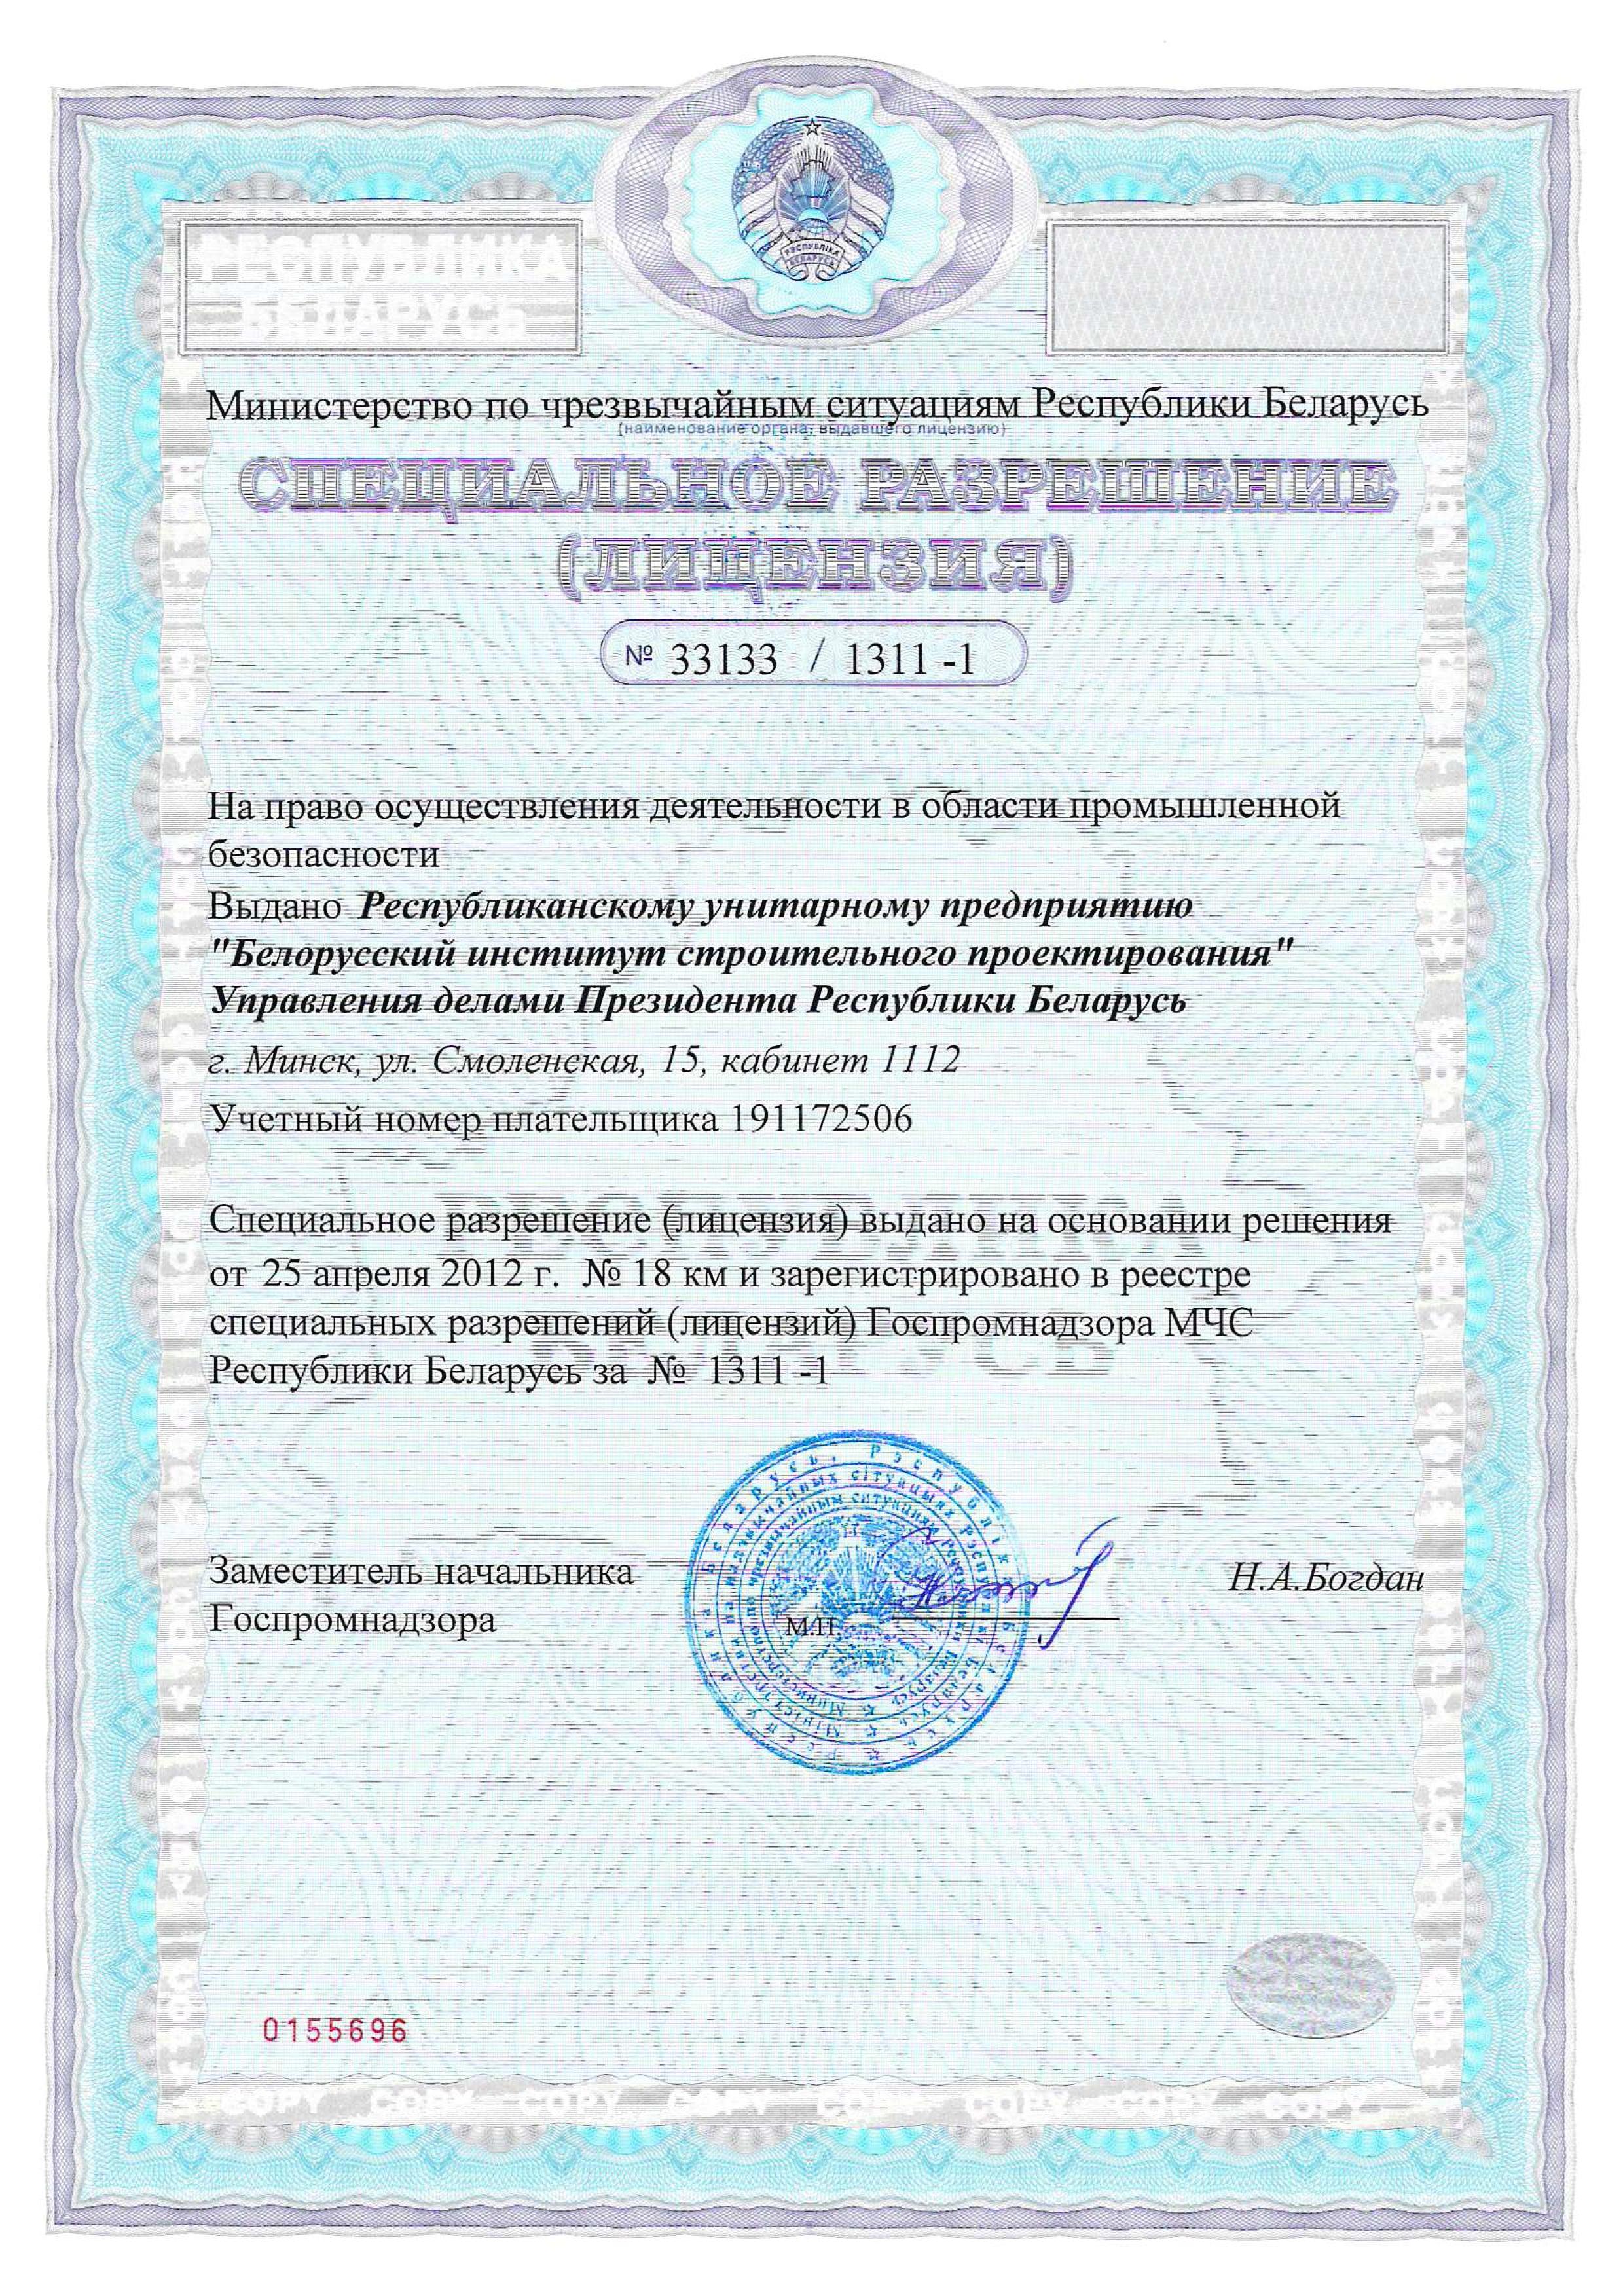 Лицензия МЧС (проектирование объектов газораспределительной системы, котельных)-1-min